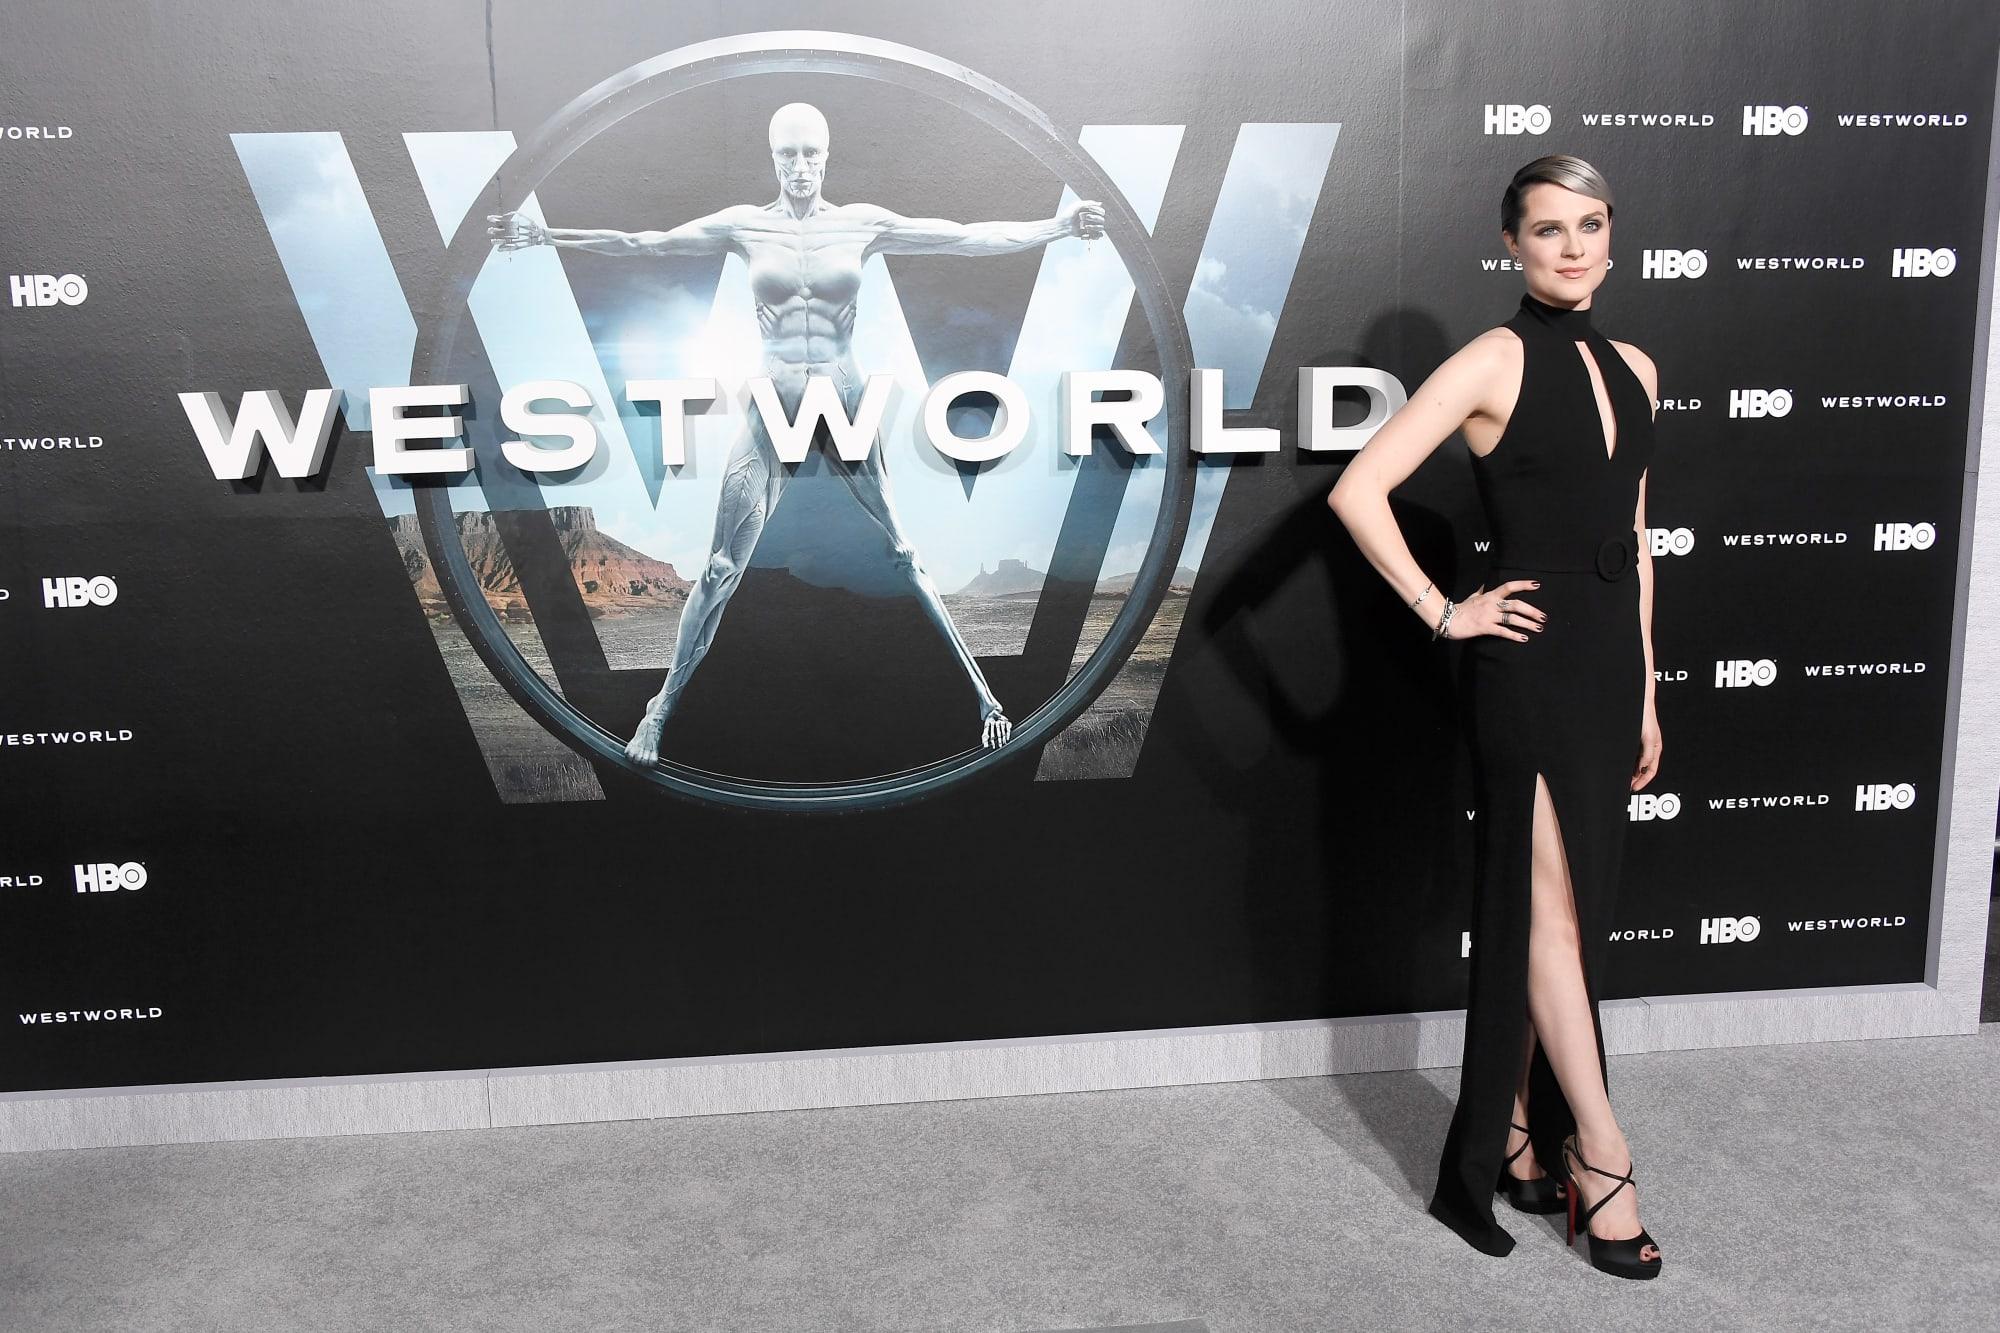 Westworld Streamen